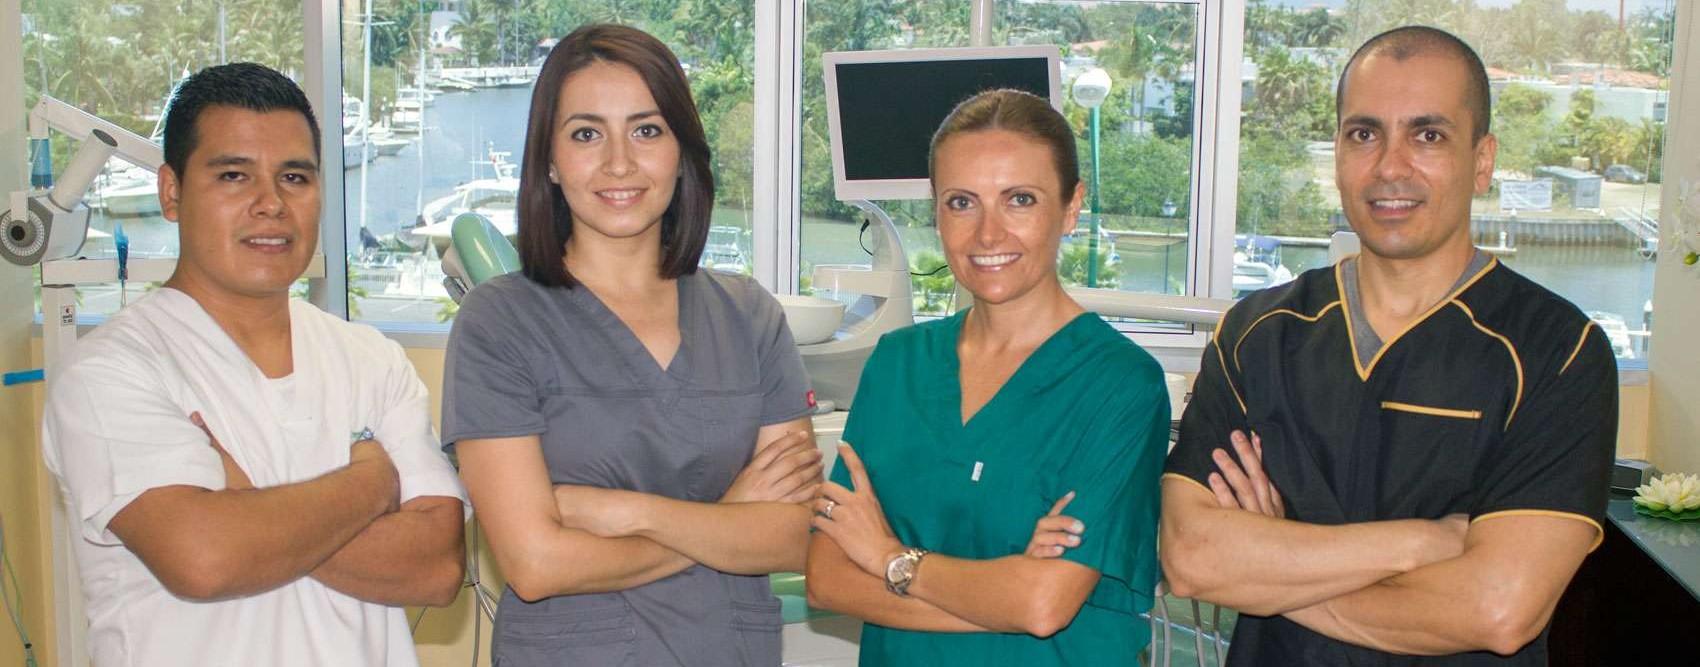 dental implants puerto vallarta